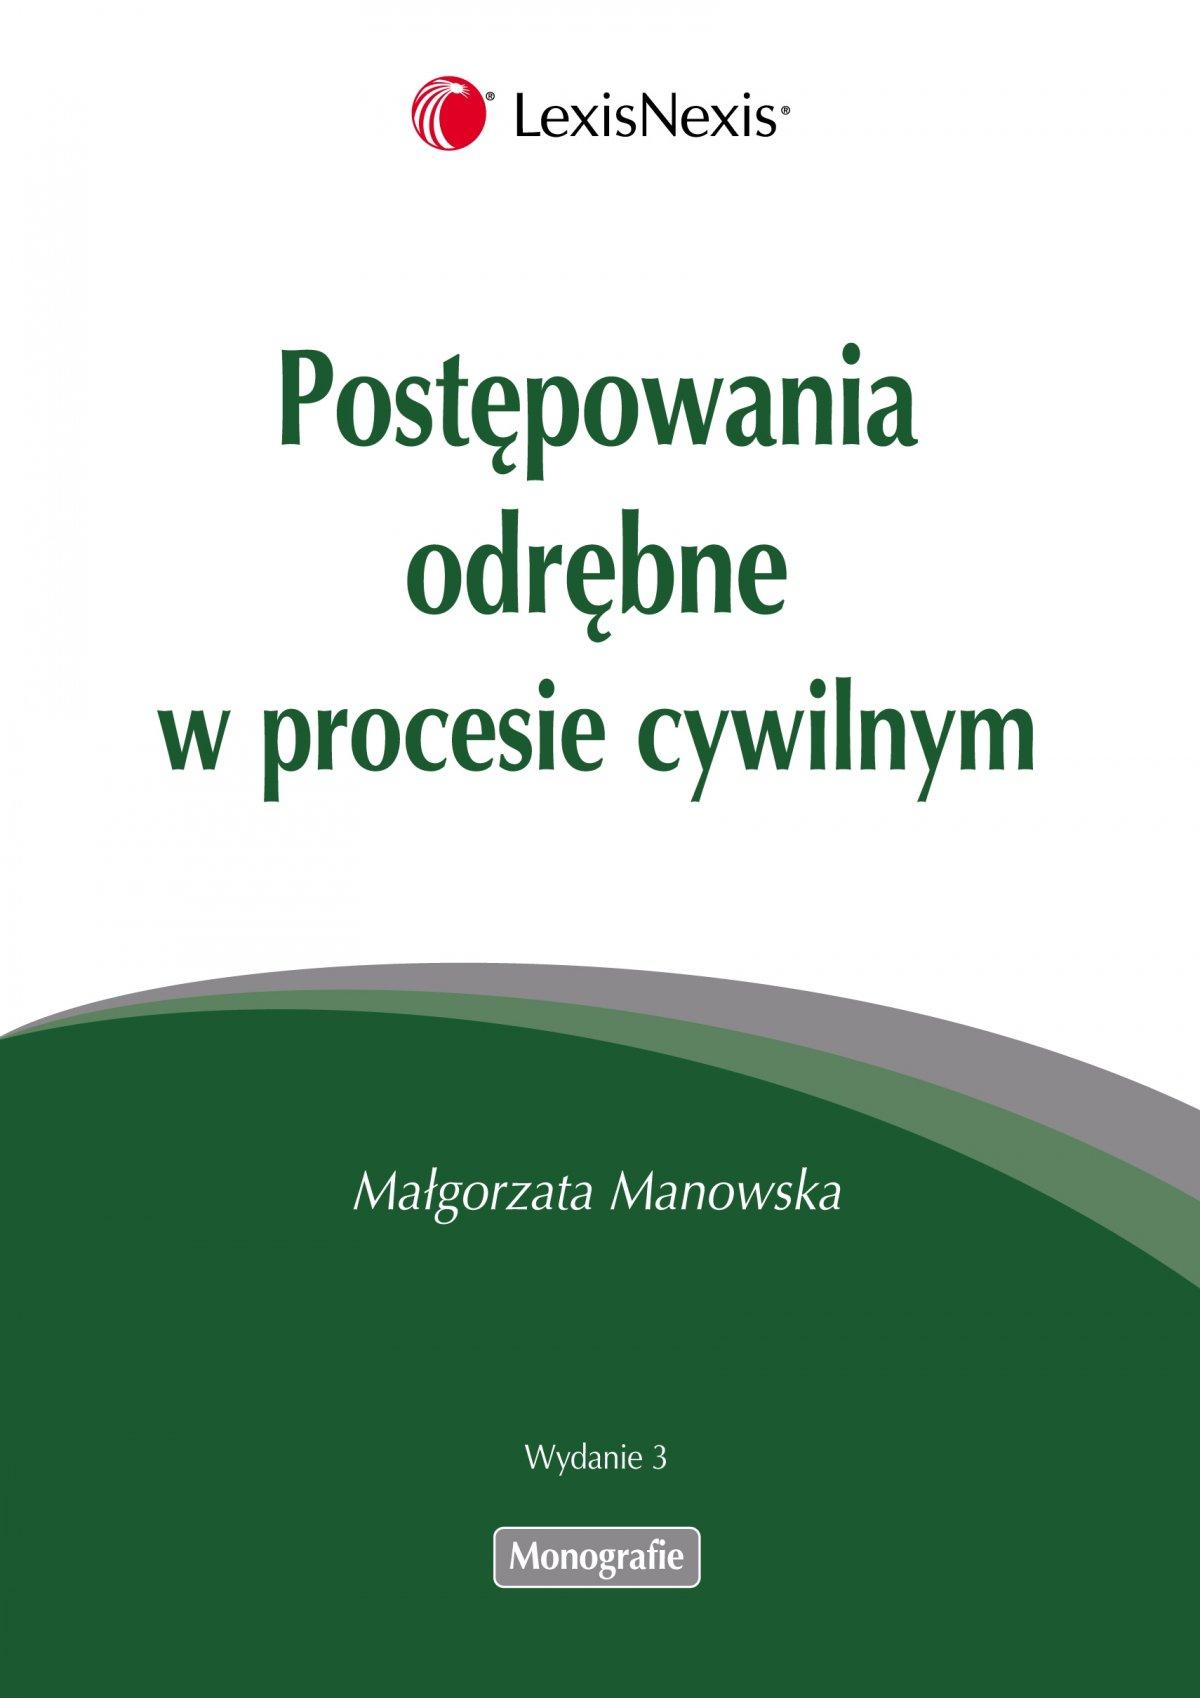 Postępowania odrębne w procesie cywilnym - Ebook (Książka PDF) do pobrania w formacie PDF